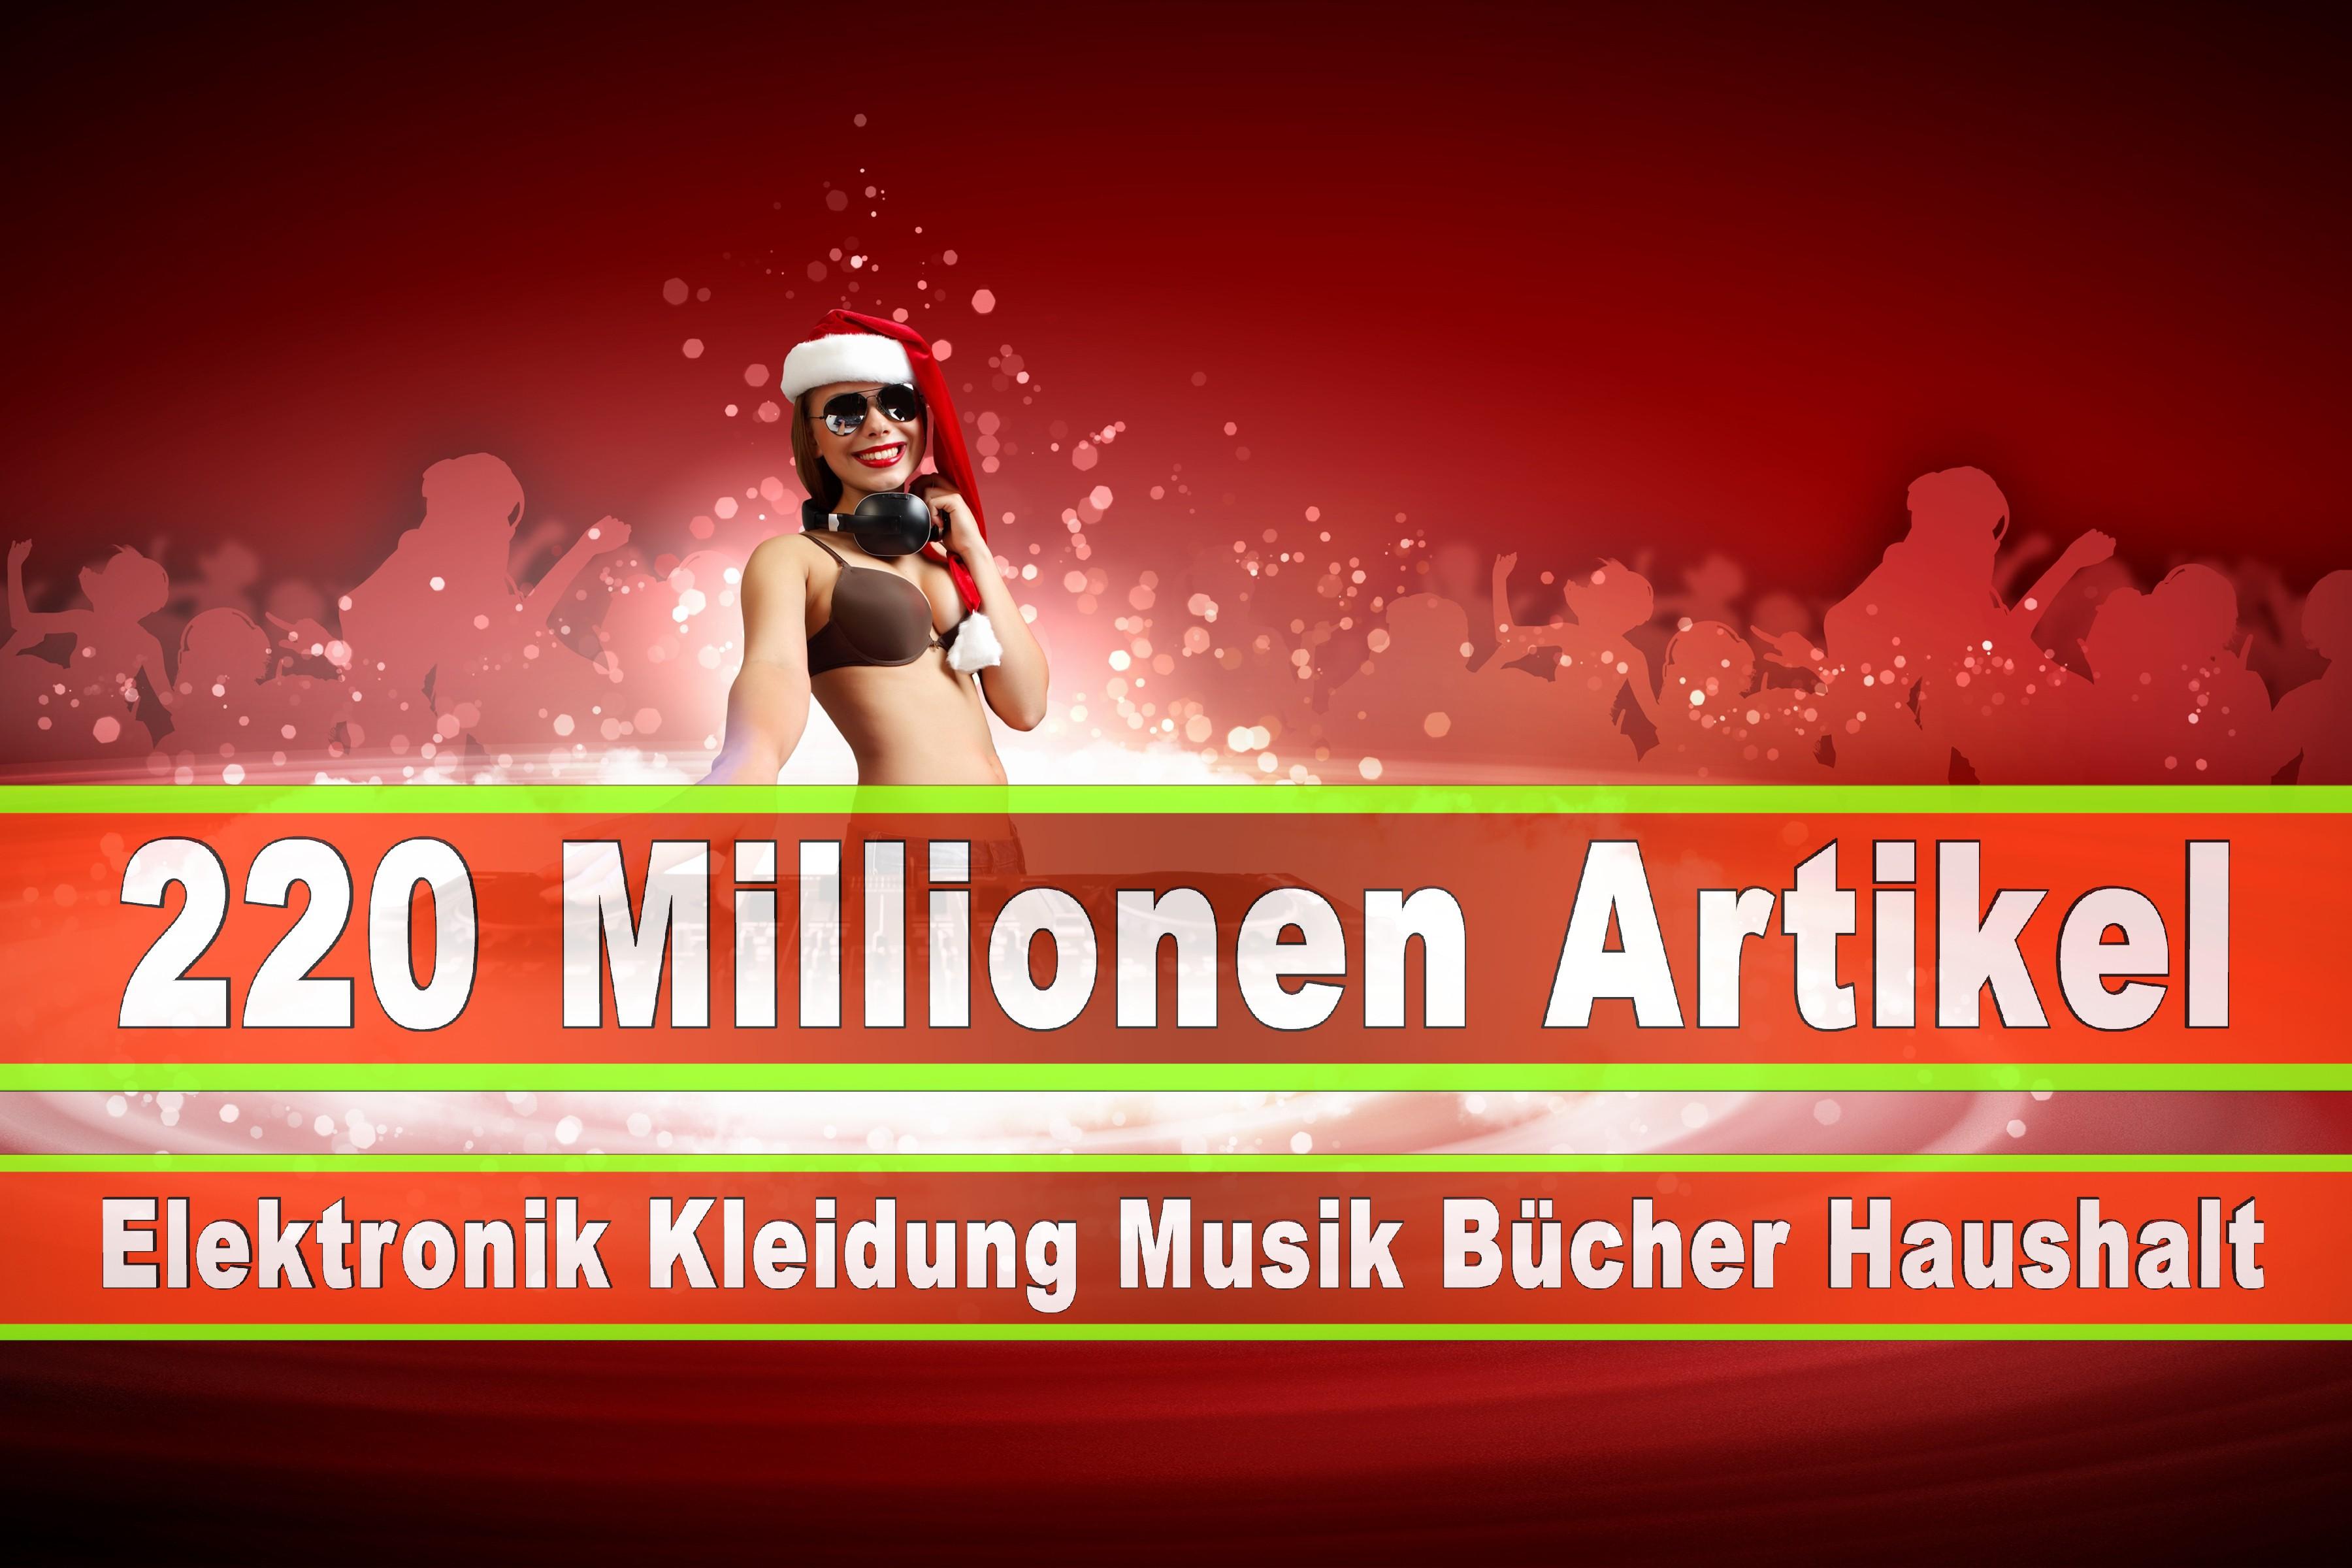 Amazon Elektronik Musik Haushalt Bücher CD DVD Handys Smartphones TV Television Fernseher Kleidung Mode Ebay Versandhaus (223)